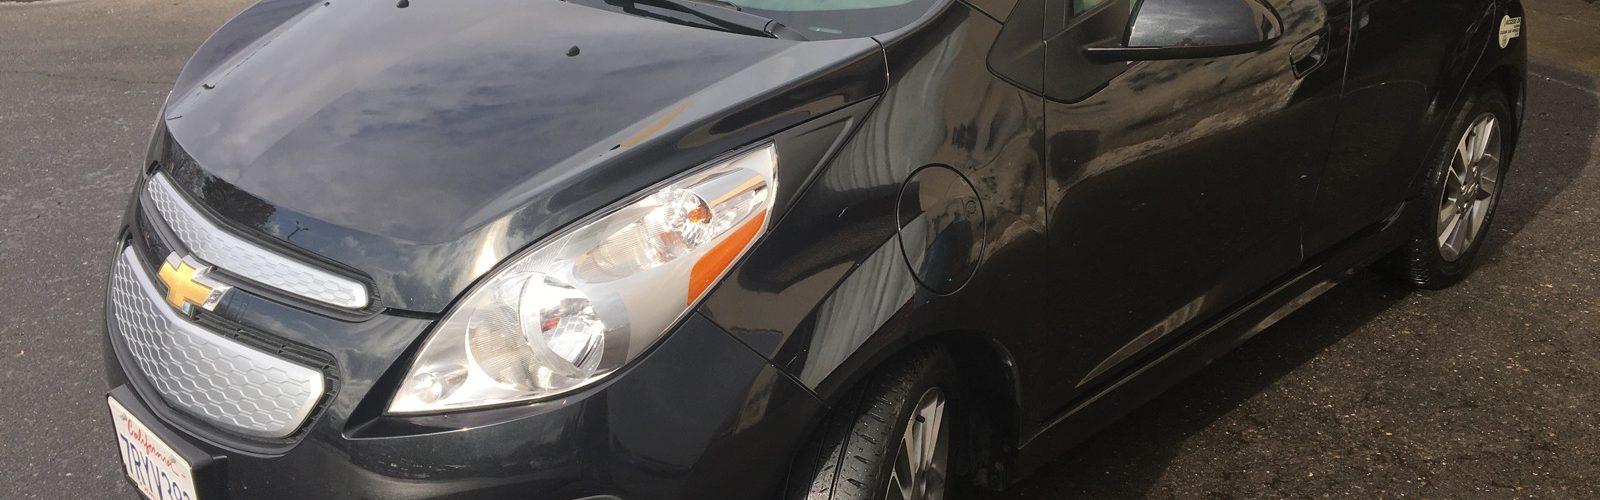 CHEVROLET SPARK EV 2LT 2016 – 34 667  Km – Seulement 14 599.98 $ avec la subvention – DISPONIBLE